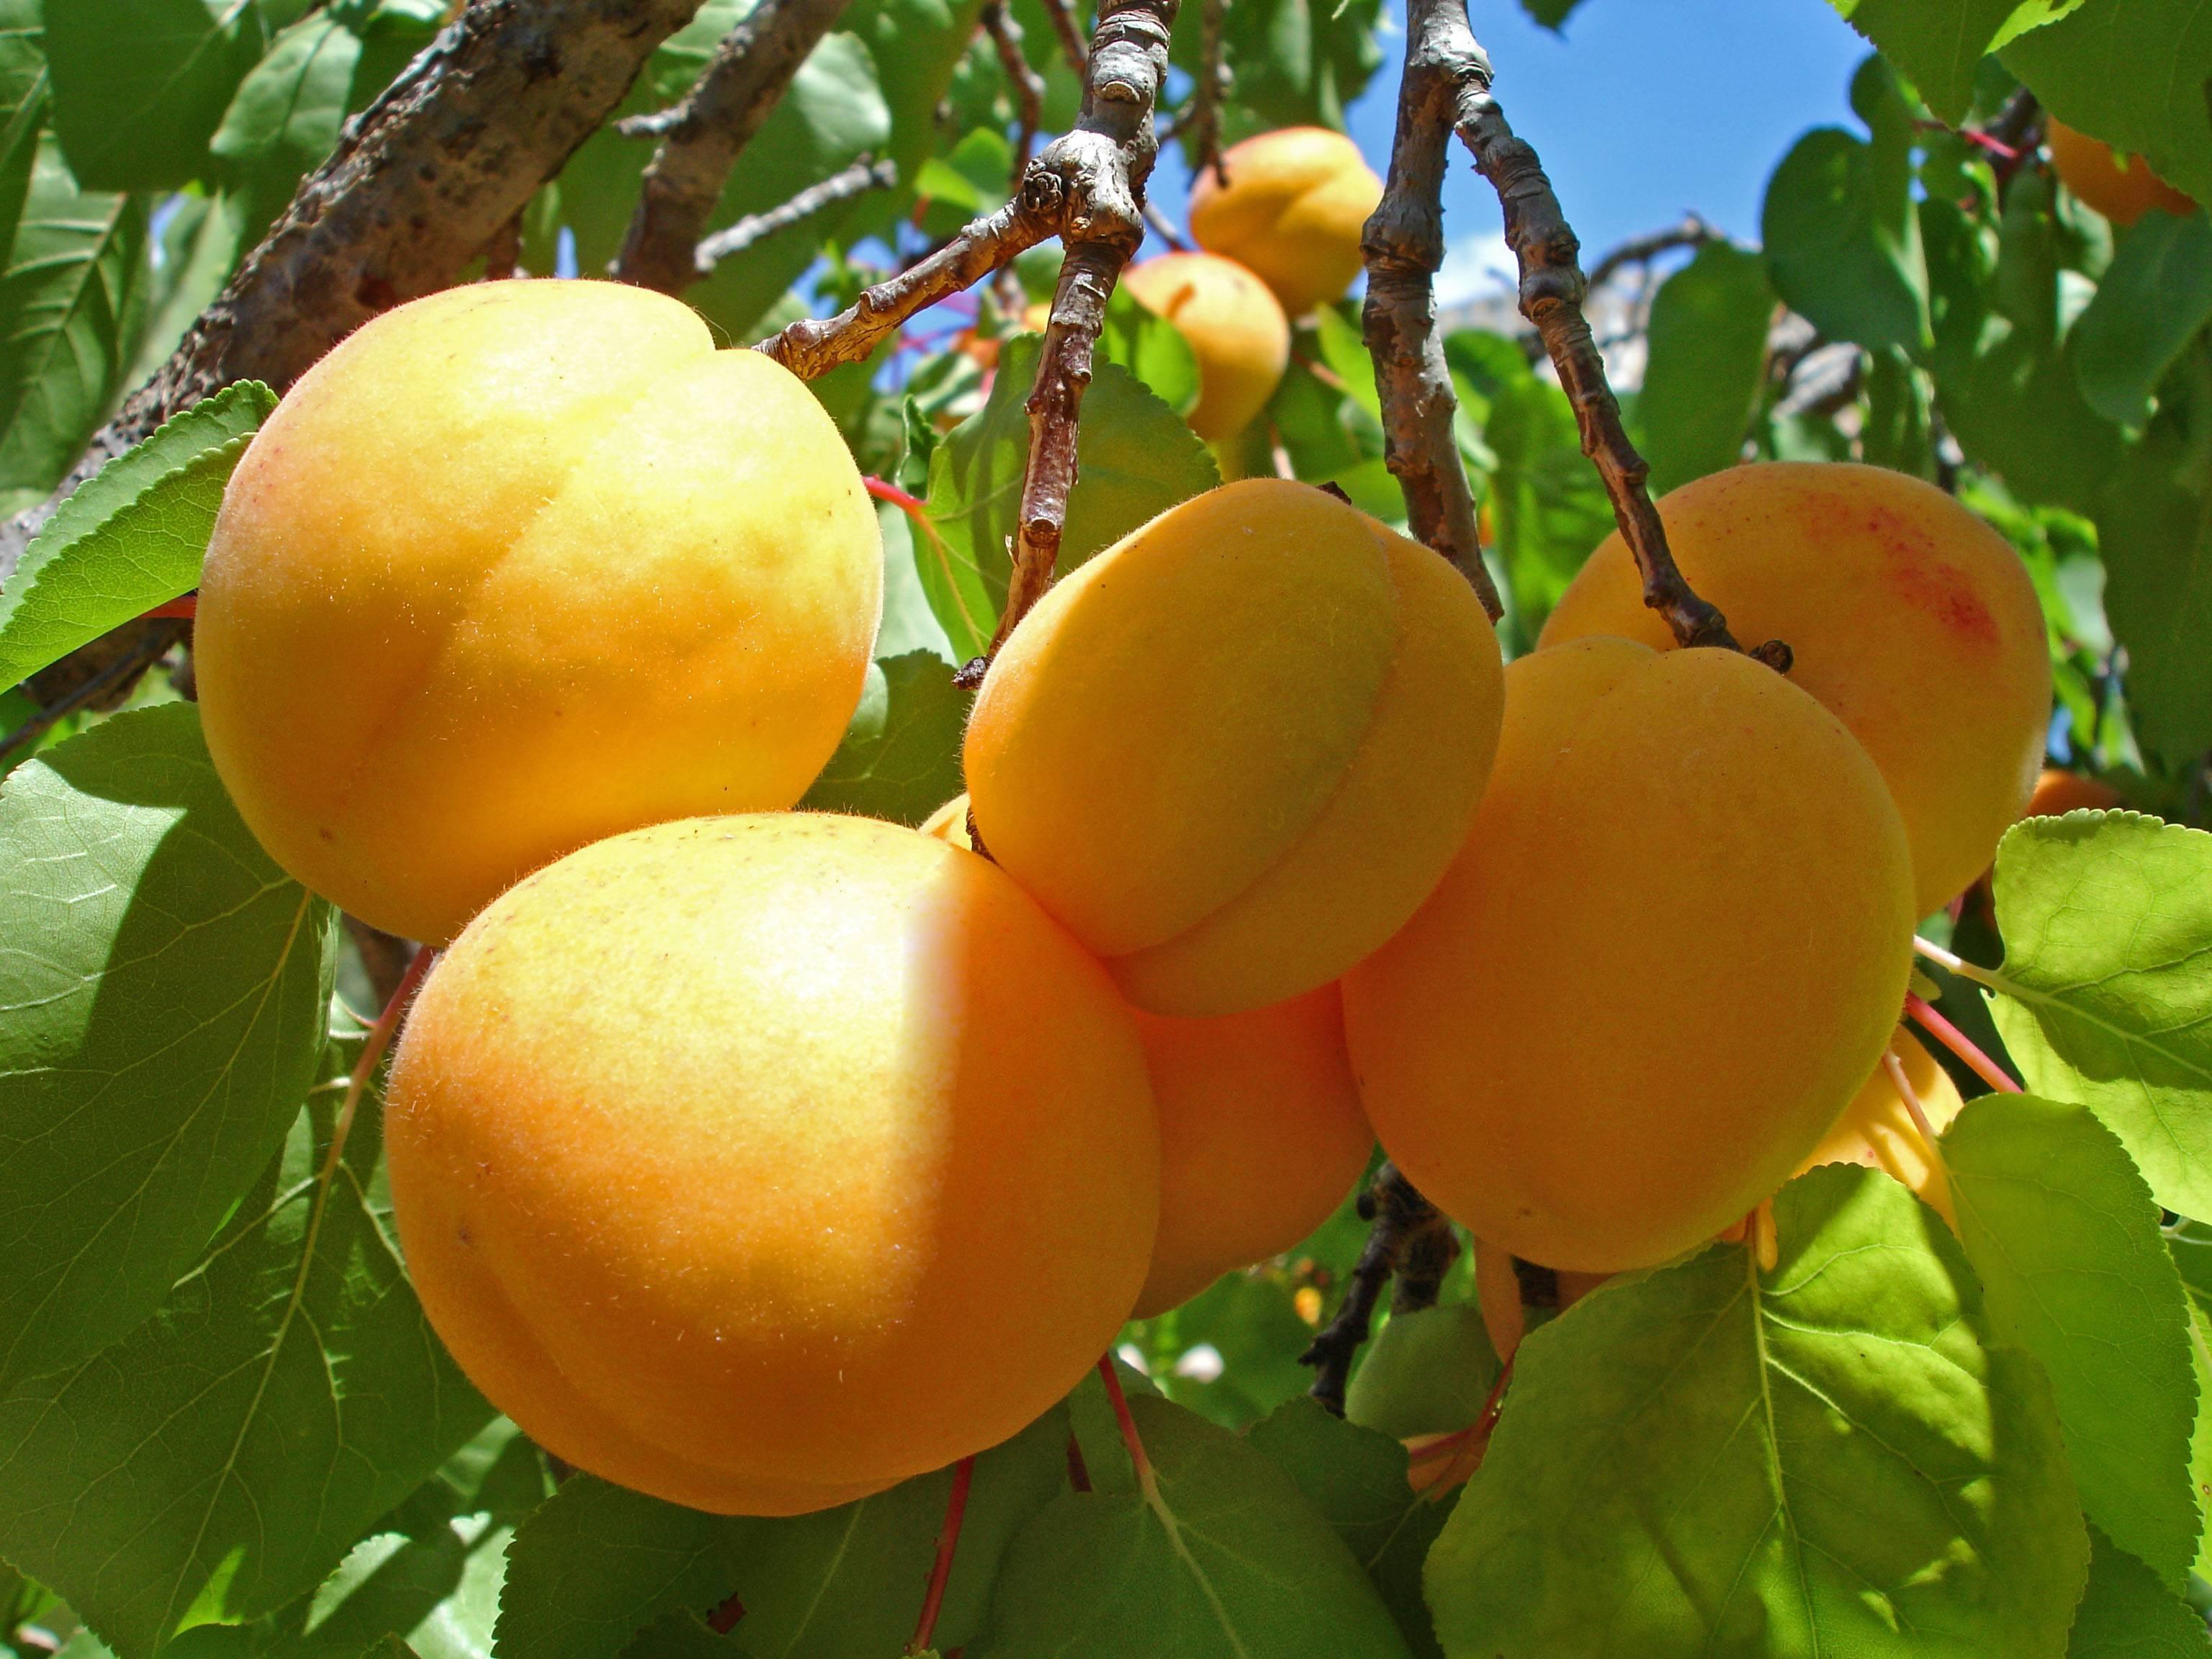 Об абрикосе Царский: описание и характеристики сорта, посадка, уход, выращивание